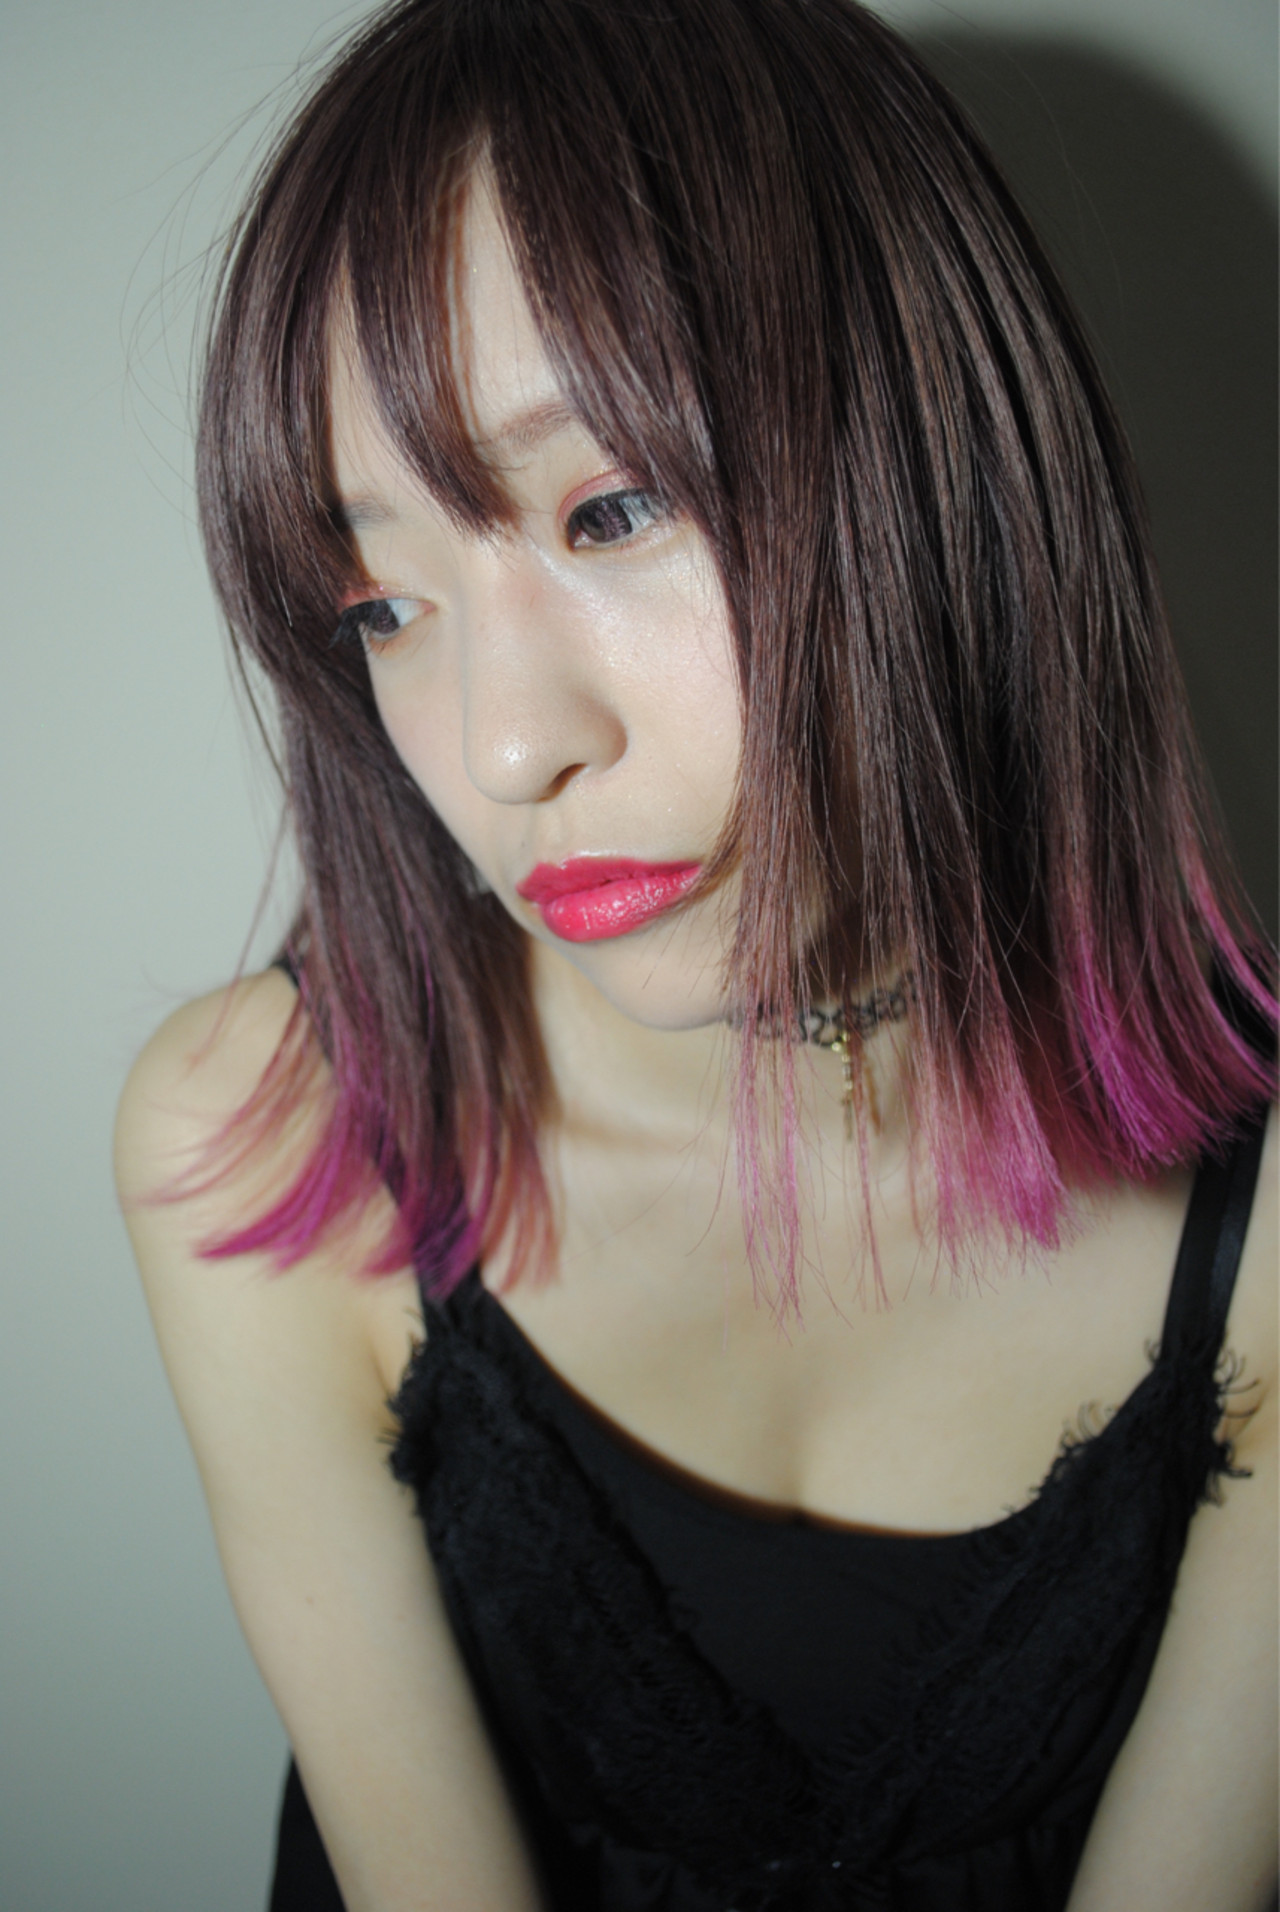 ボブ ベリーピンク 外国人風 ラベンダー ヘアスタイルや髪型の写真・画像 | 野中 由貴 / owlhair